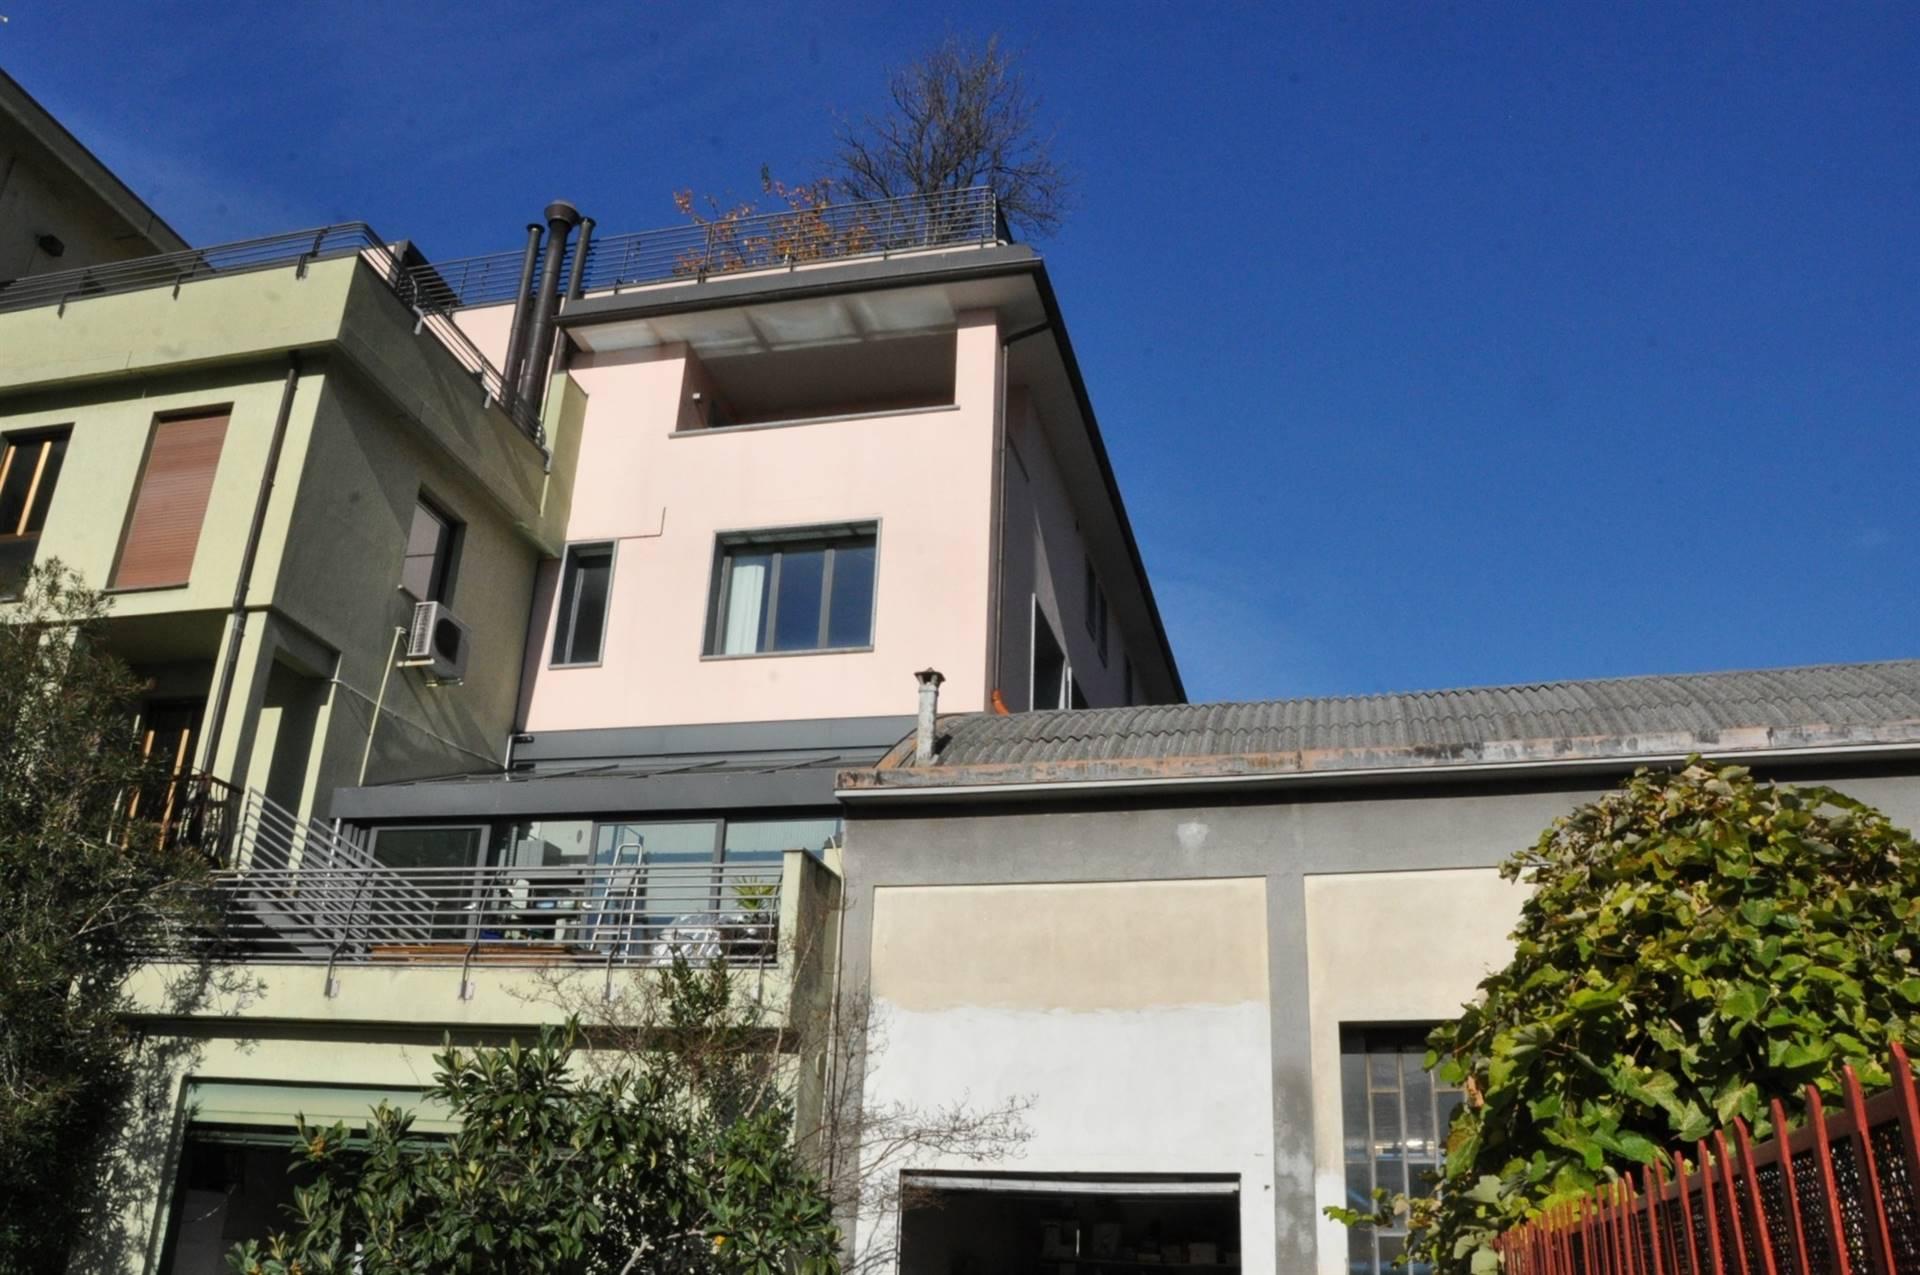 Ufficio / Studio in vendita a Lecco, 5 locali, zona Località: CALEOTTO, prezzo € 330.000   CambioCasa.it